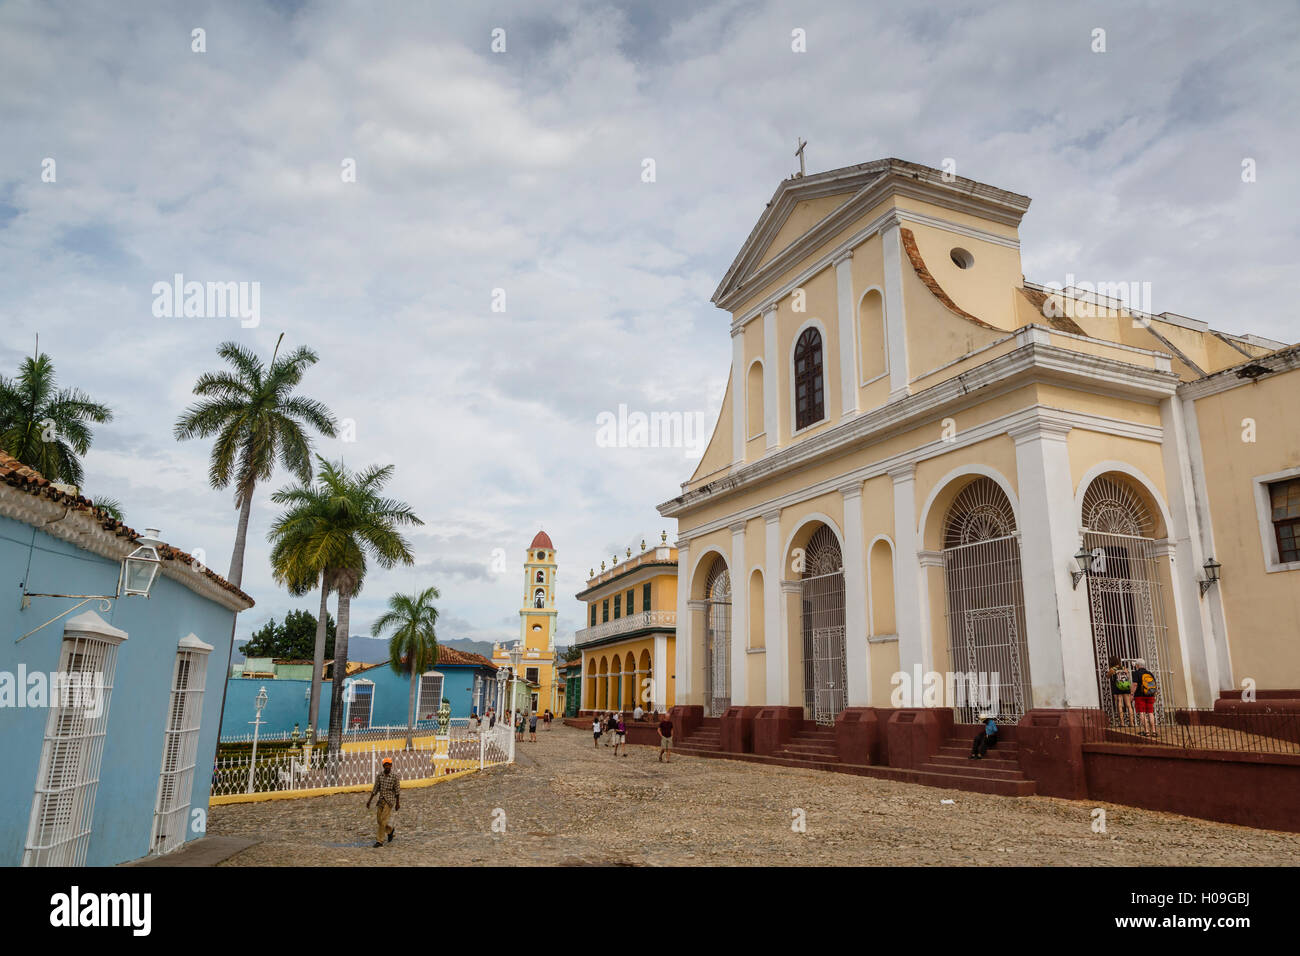 Plaza Mayor with the Iglesia Parroquial de la Santisima Trinidad and the Museo Nacional de la Lucha, Trinidad, UNESCO, - Stock Image